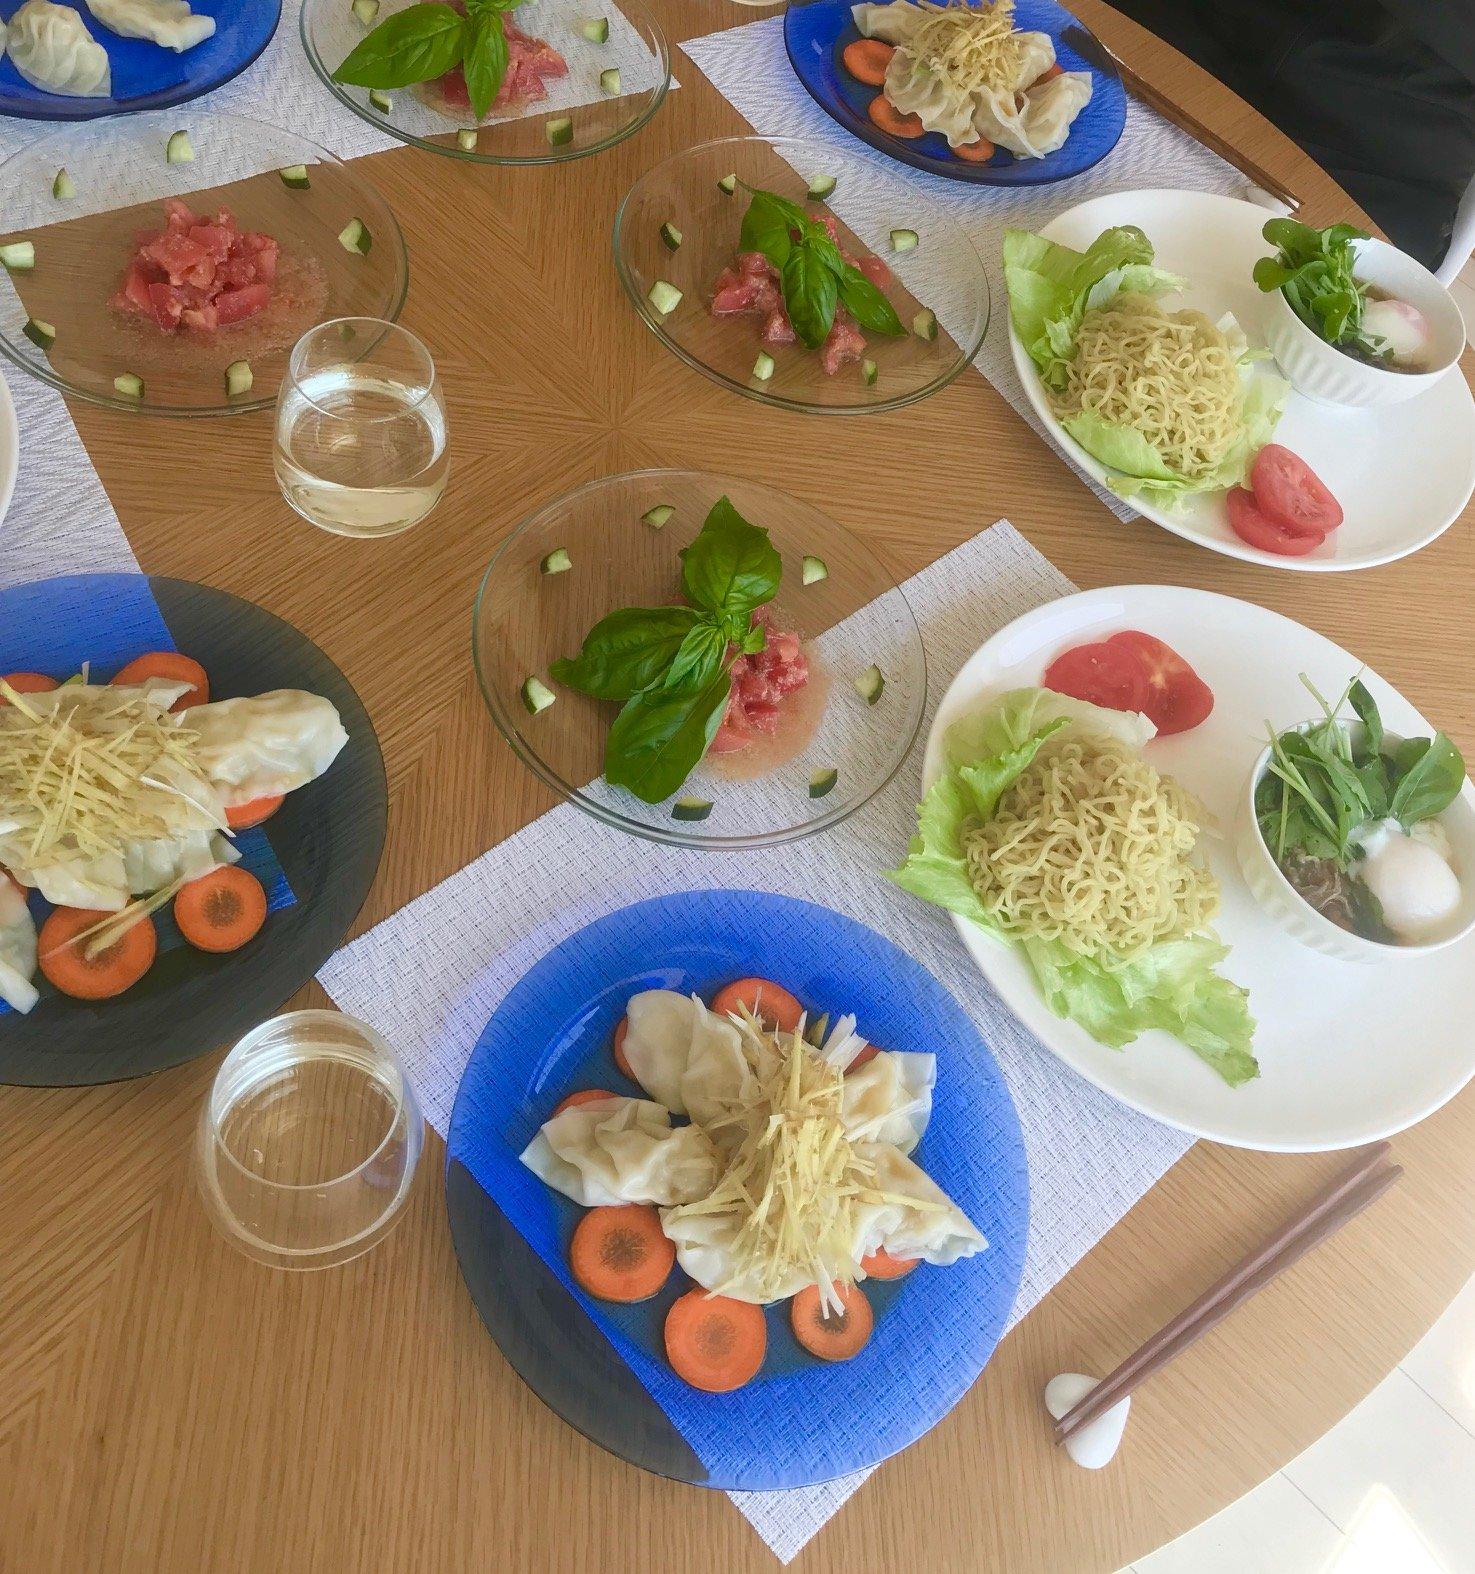 7月12日(日)「干し野菜麹」料理教室 たっぷりの干し野菜麹を作って・干し野菜麹を使った料理もマスターのイメージその4